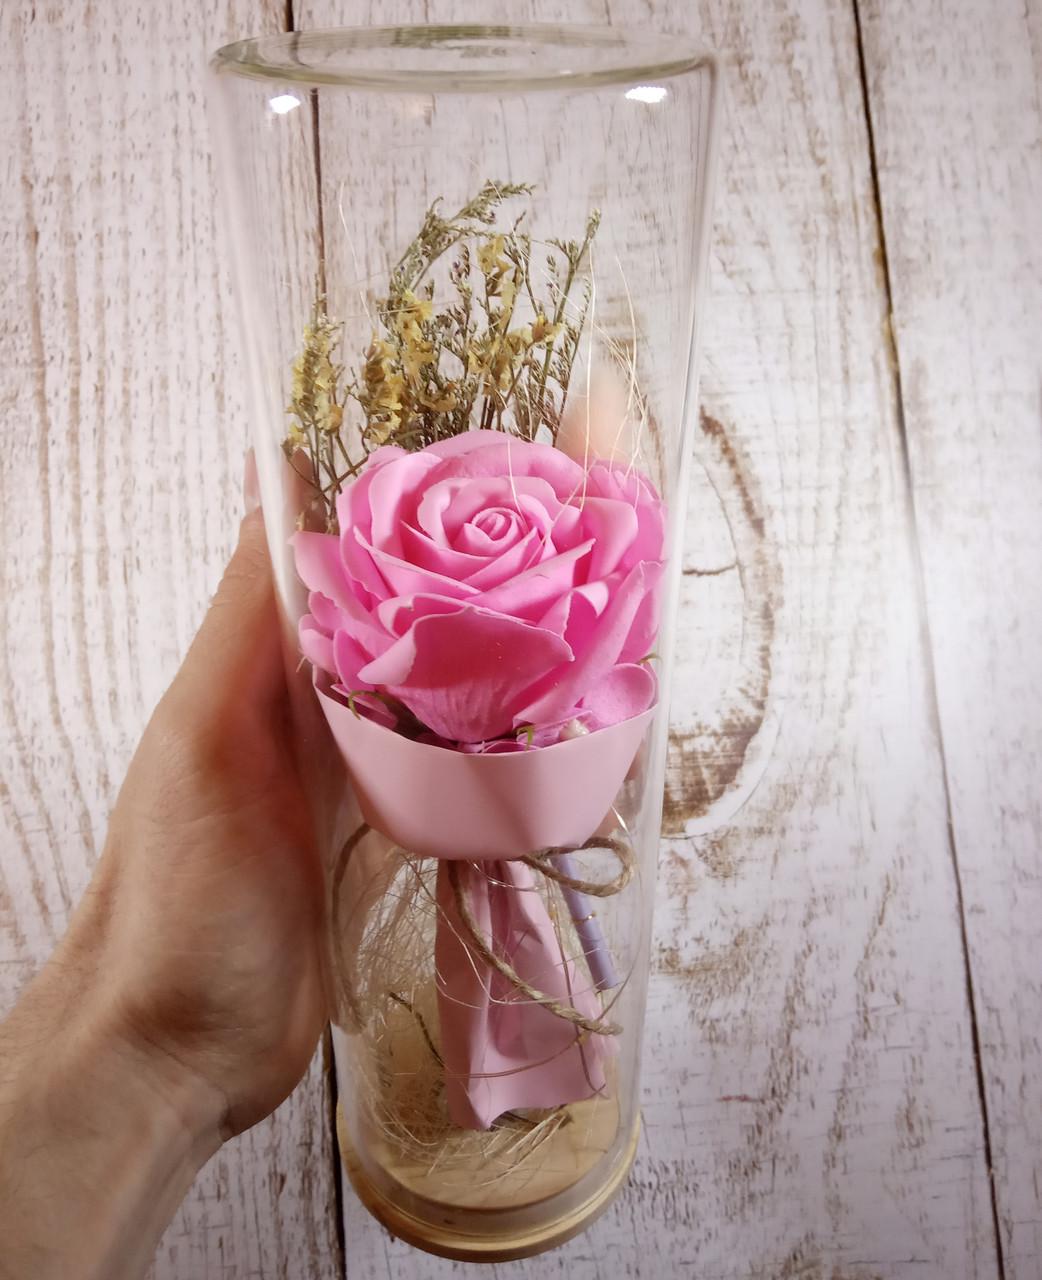 РОЗА в стеклянной колбе +Подсветка (ночник) Розовая - 26 см (живые фото!)